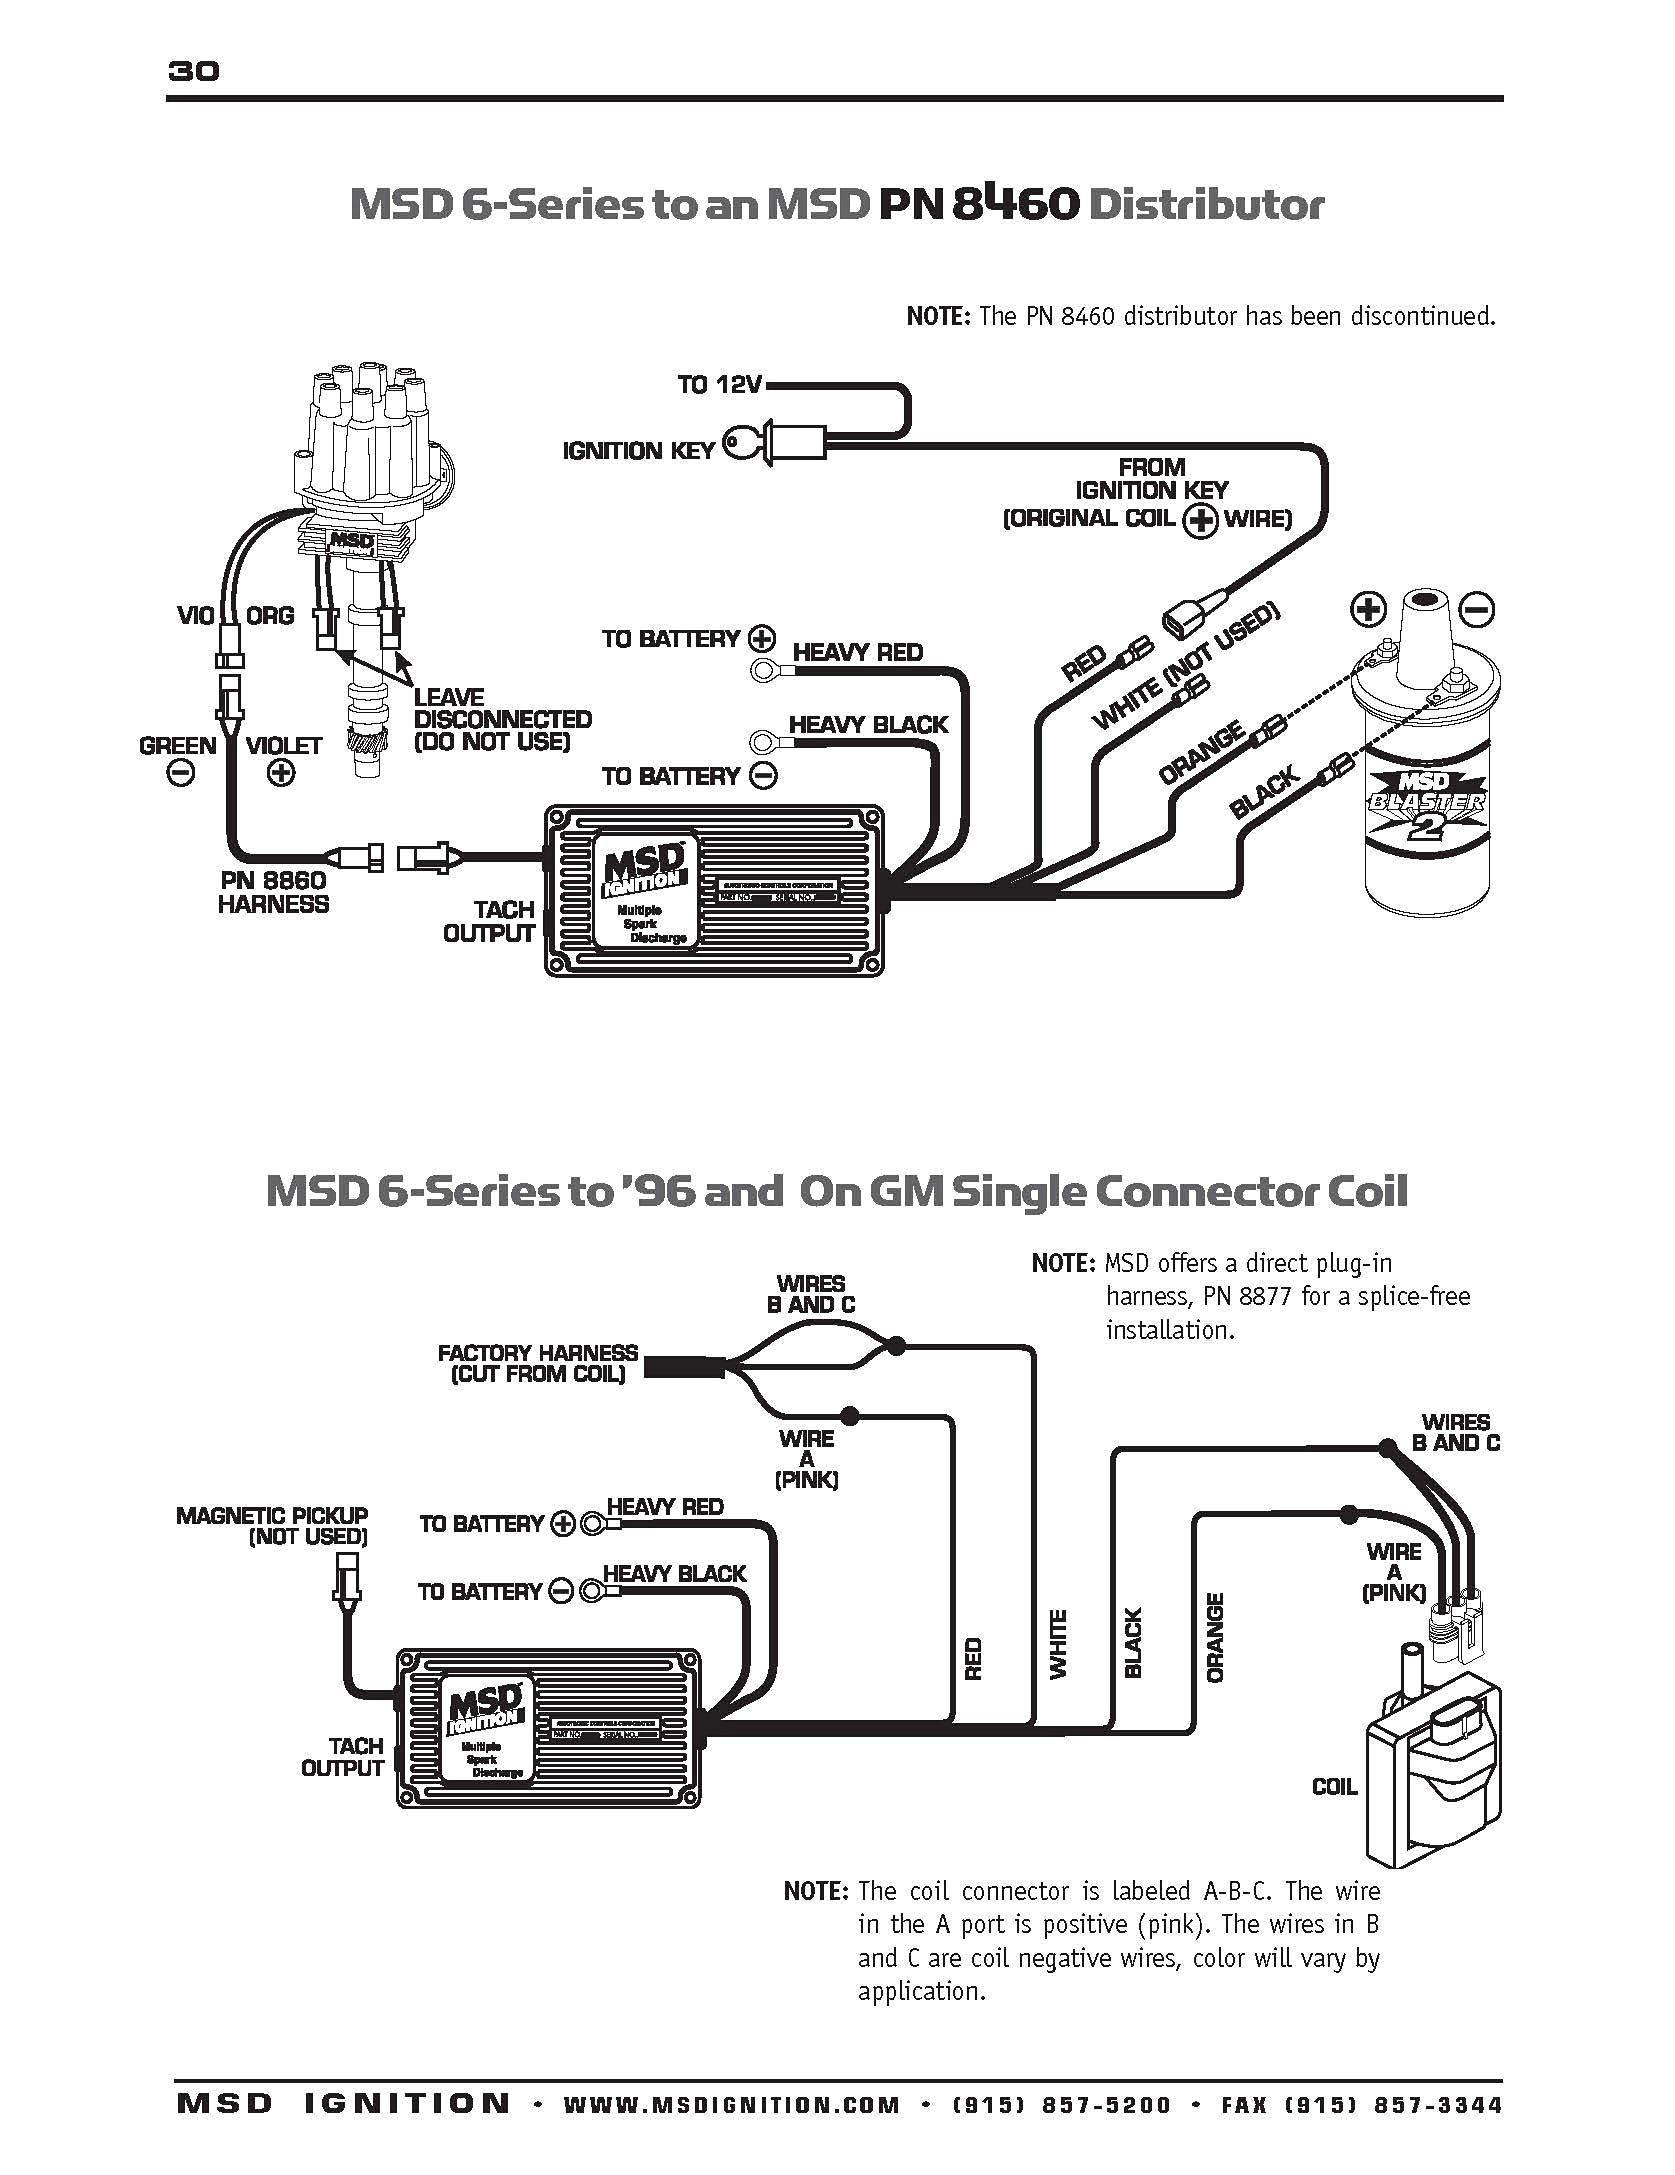 Hei Wiring Diagram Earch For Accel Distributor Hd Dump In Accel Distributor Wiring Diagram 6390 Diagrama De Circuito Circuitos Circuito